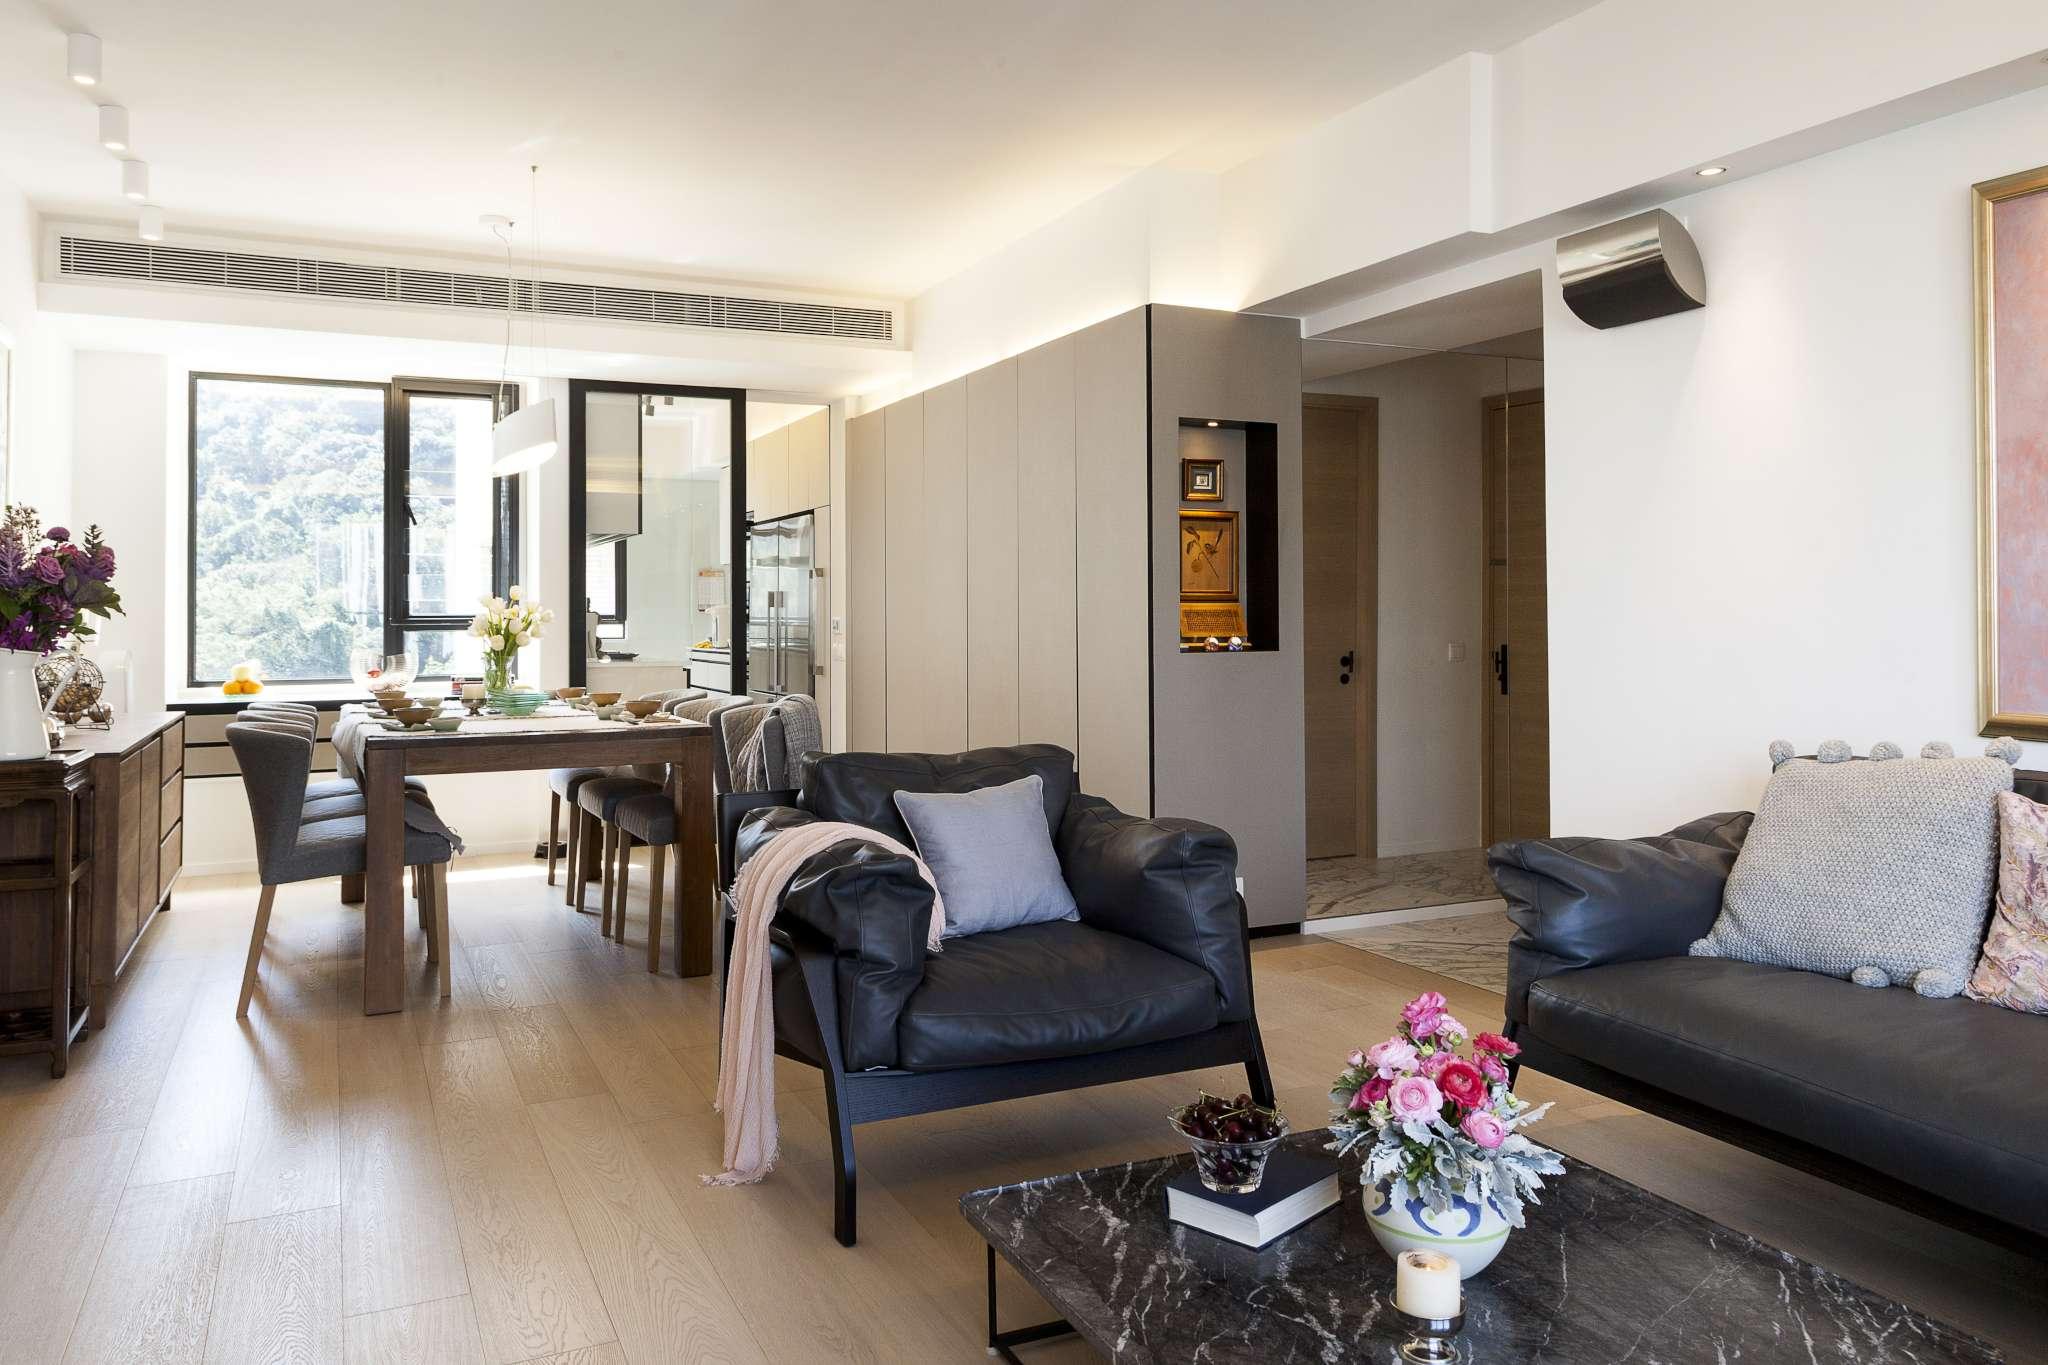 Amber Garden – Luxury meets practicability